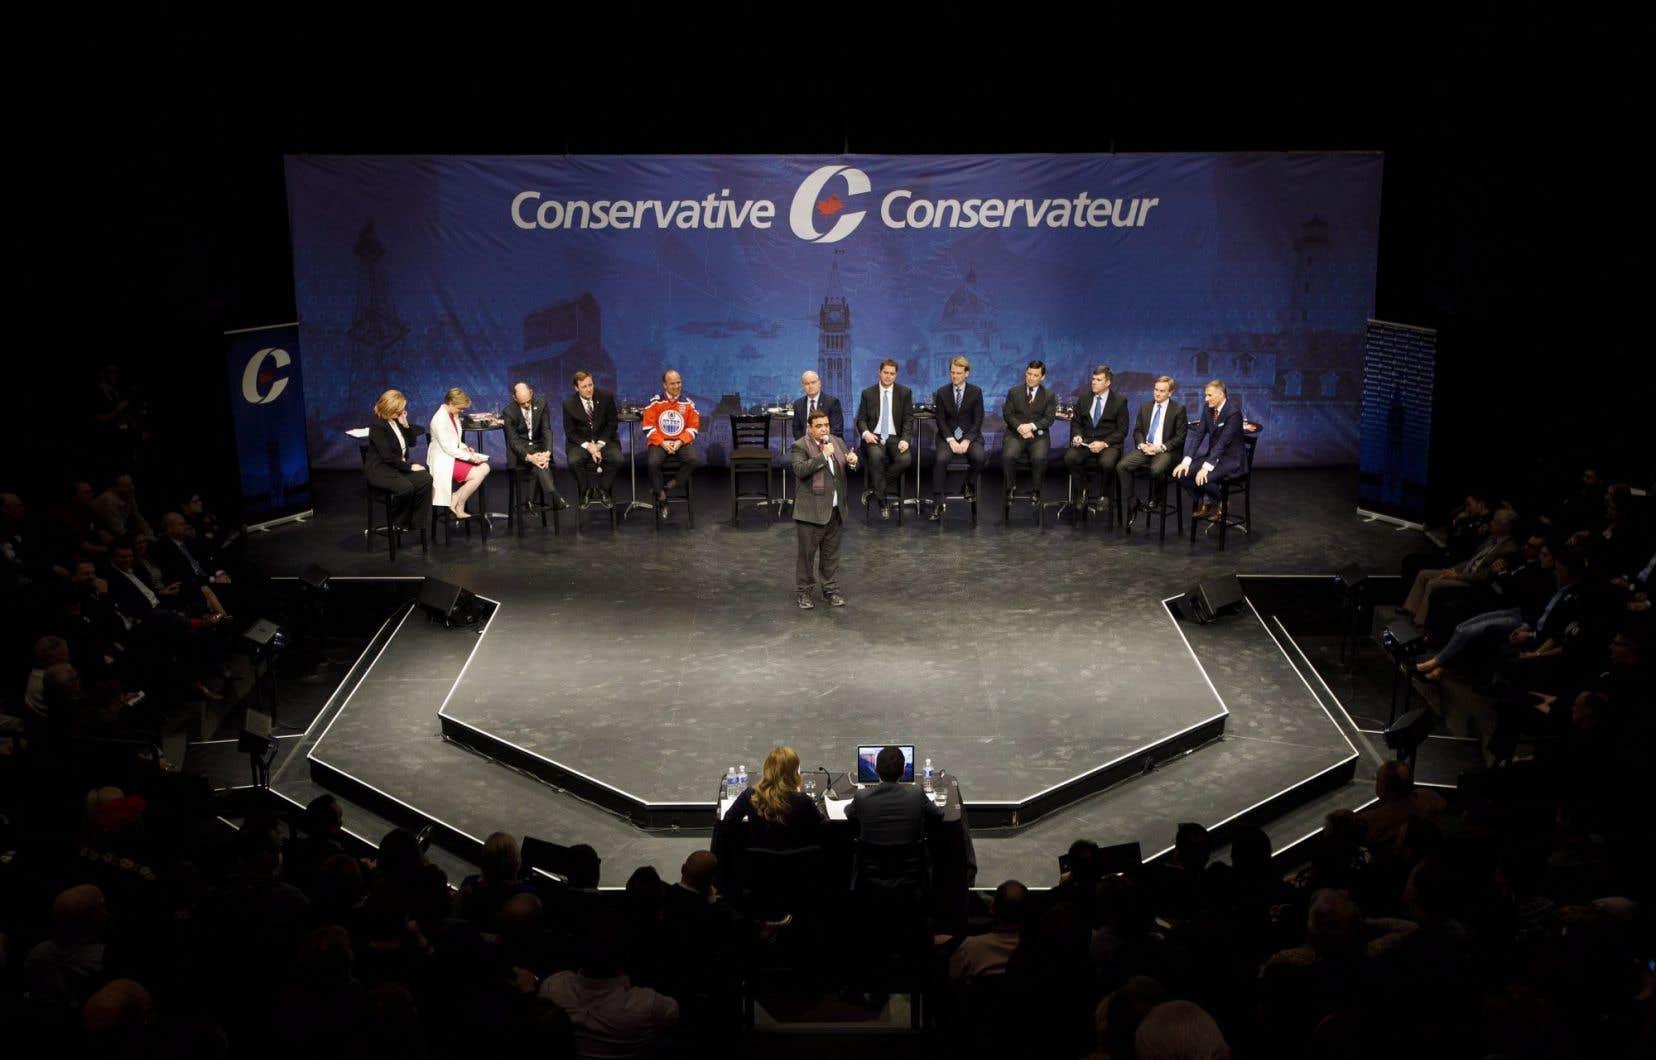 Le parti tiendra plus tard un dernier débat, lui aussi bilingue, à Toronto.